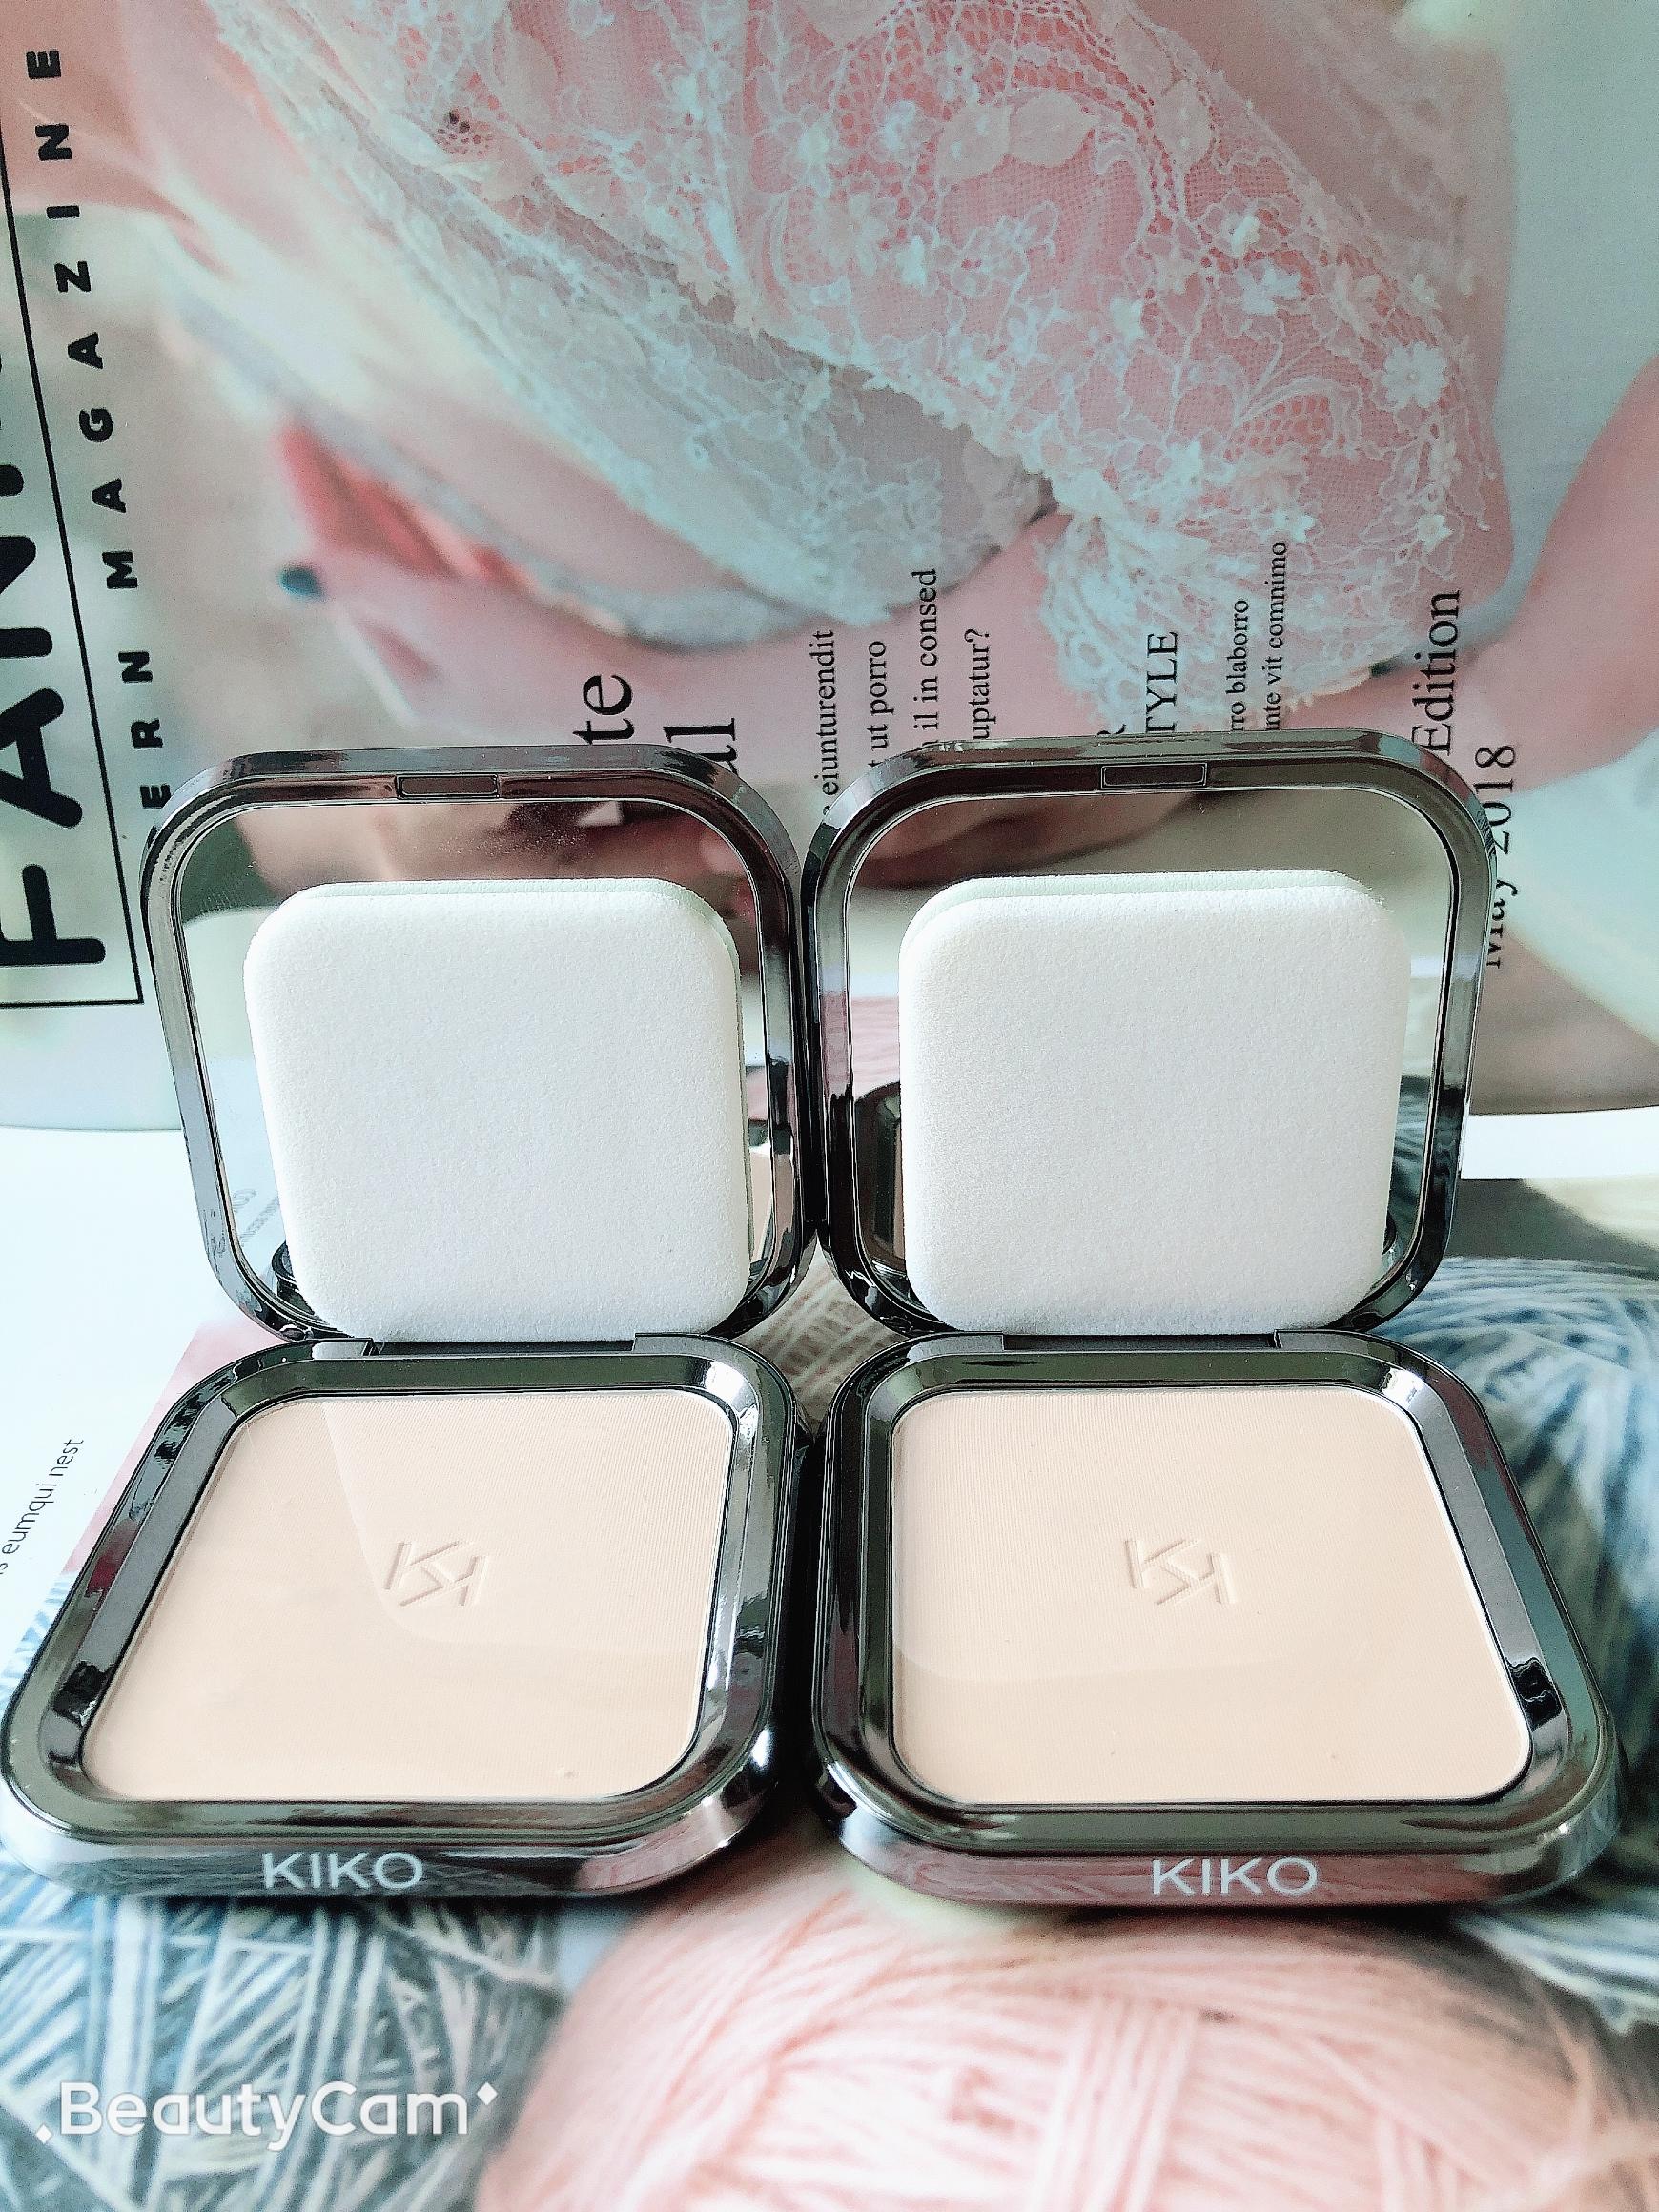 KIKO Light Matte Compact Powder 04 Bột ướt và khô nhỏ gọn Không sợ Sun CR15 spf30 - Bột nén